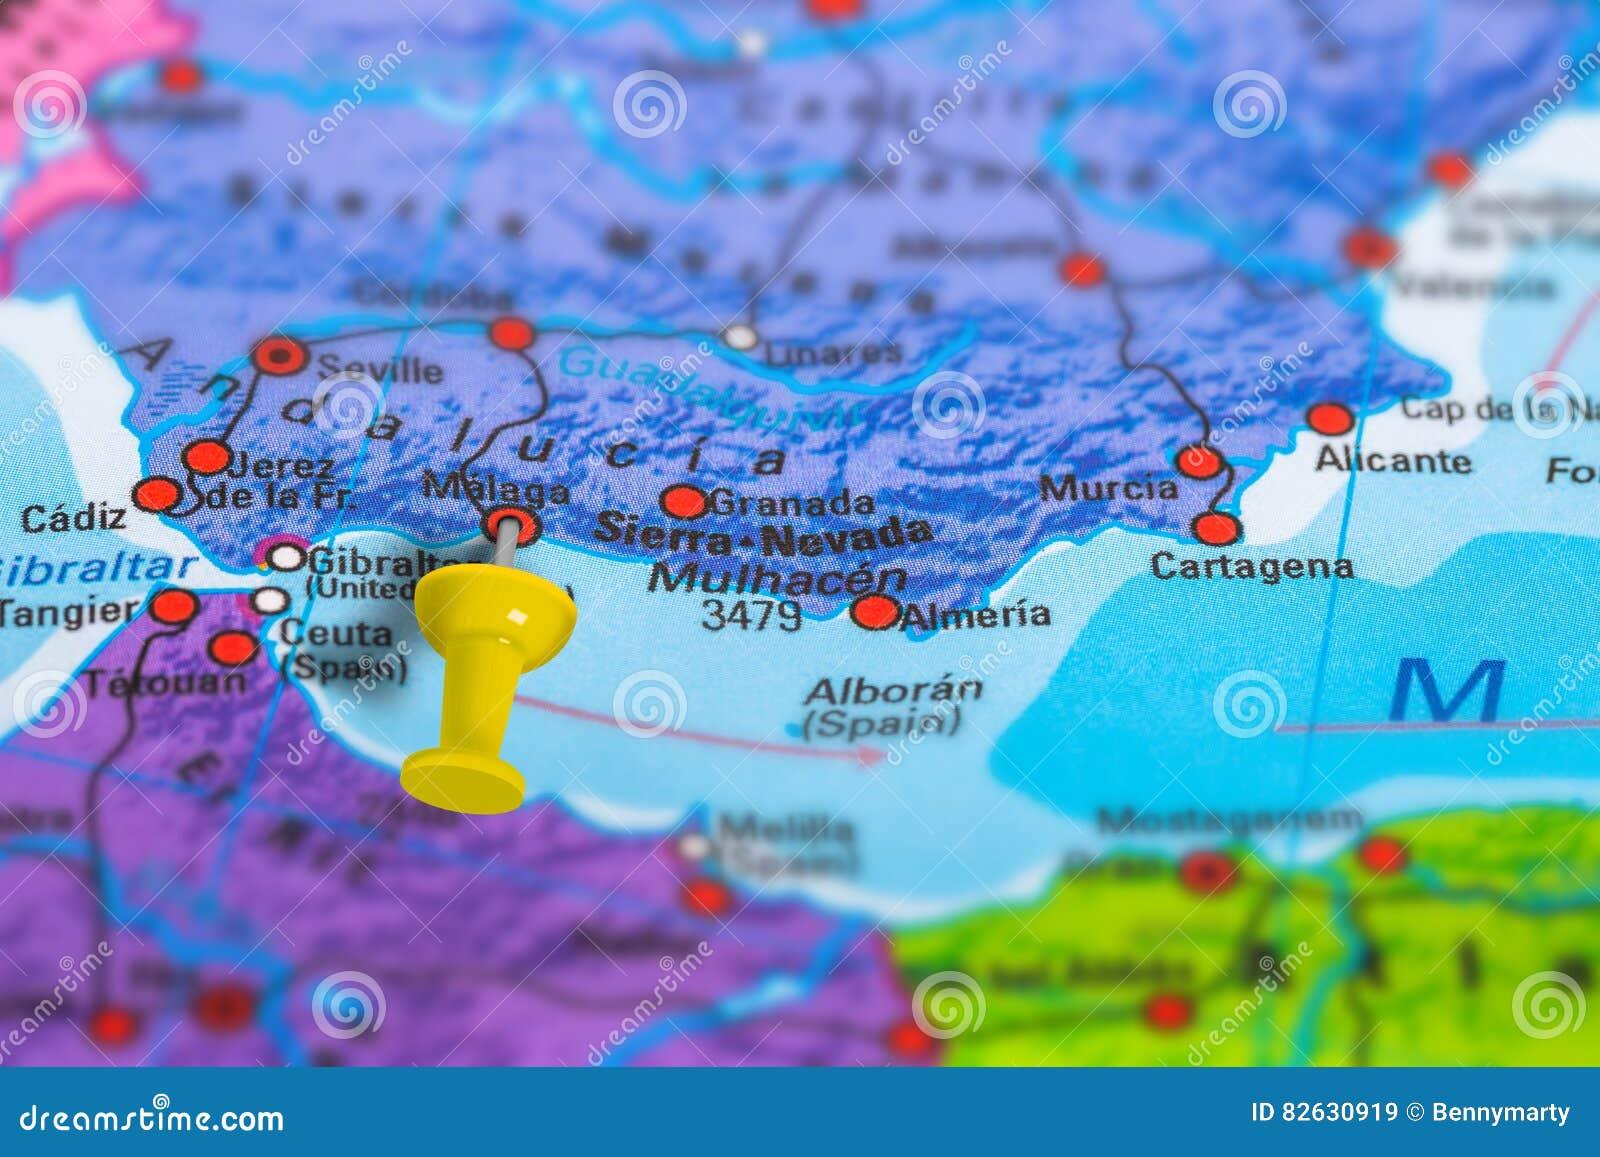 Malaga Spagna Cartina.Mappa Di Malaga Spagna Immagine Stock Immagine Di Limite 82630919